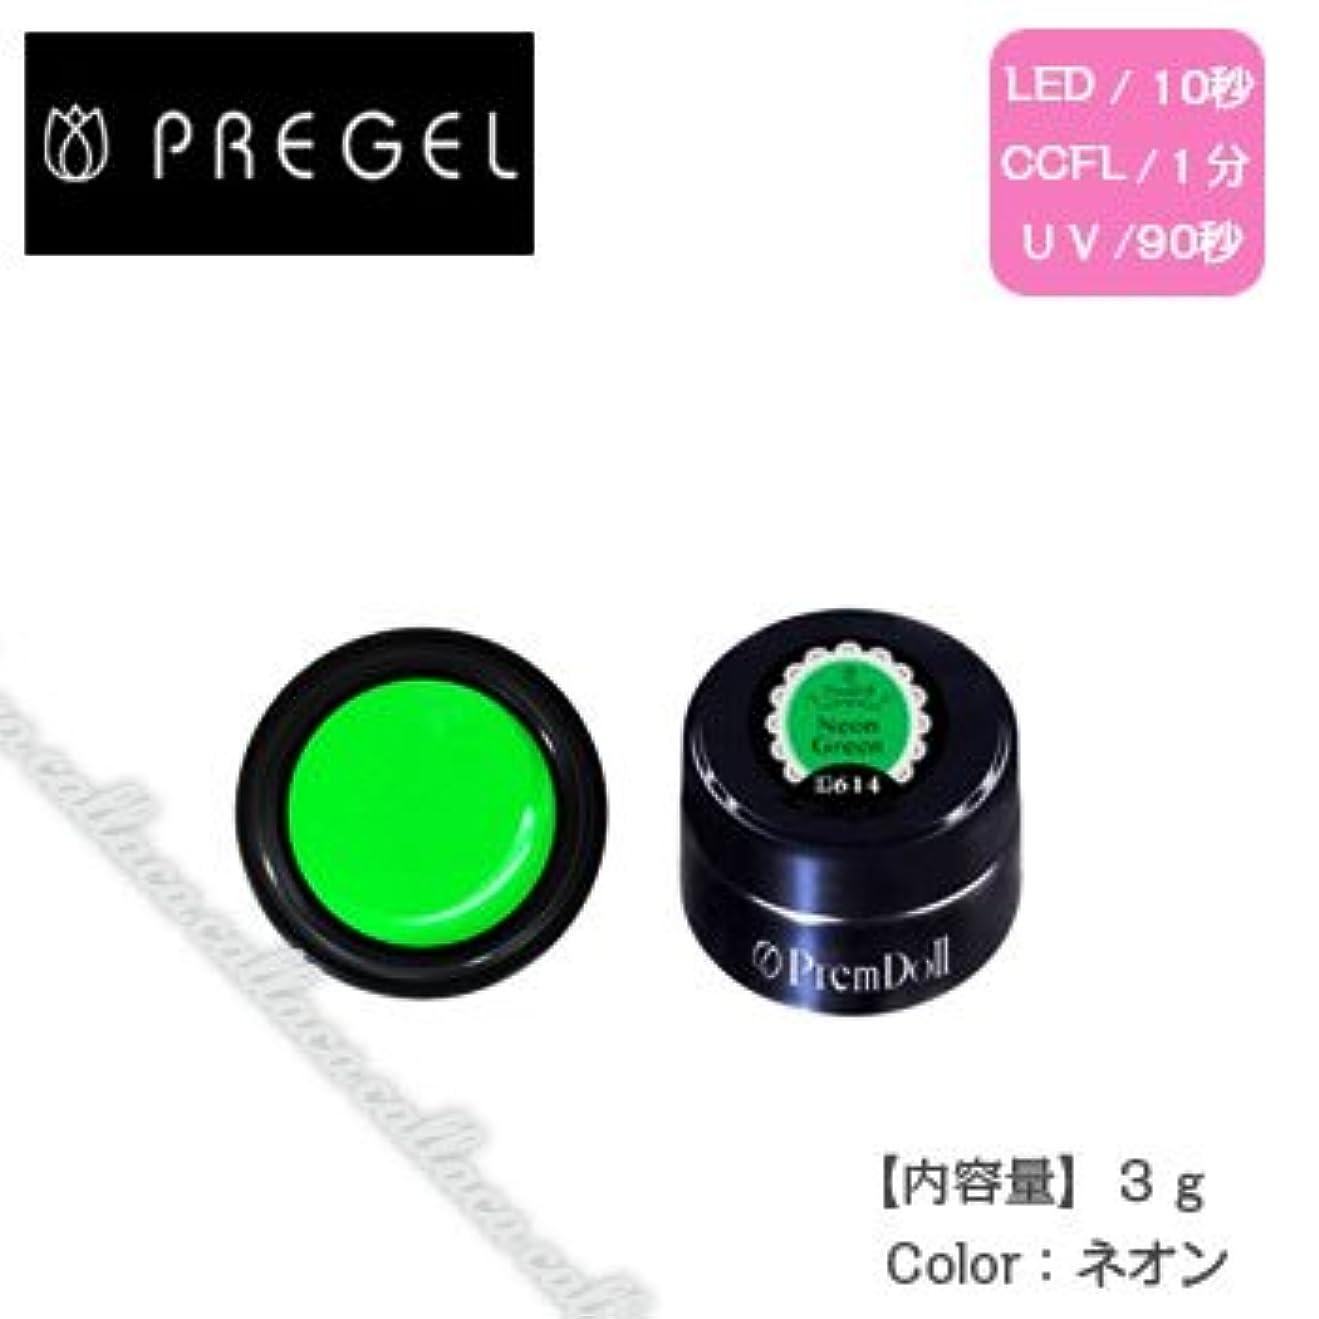 情熱広範囲くPREGEL プリジェル プリムドール DOLL-614 ネオングリーン 3g